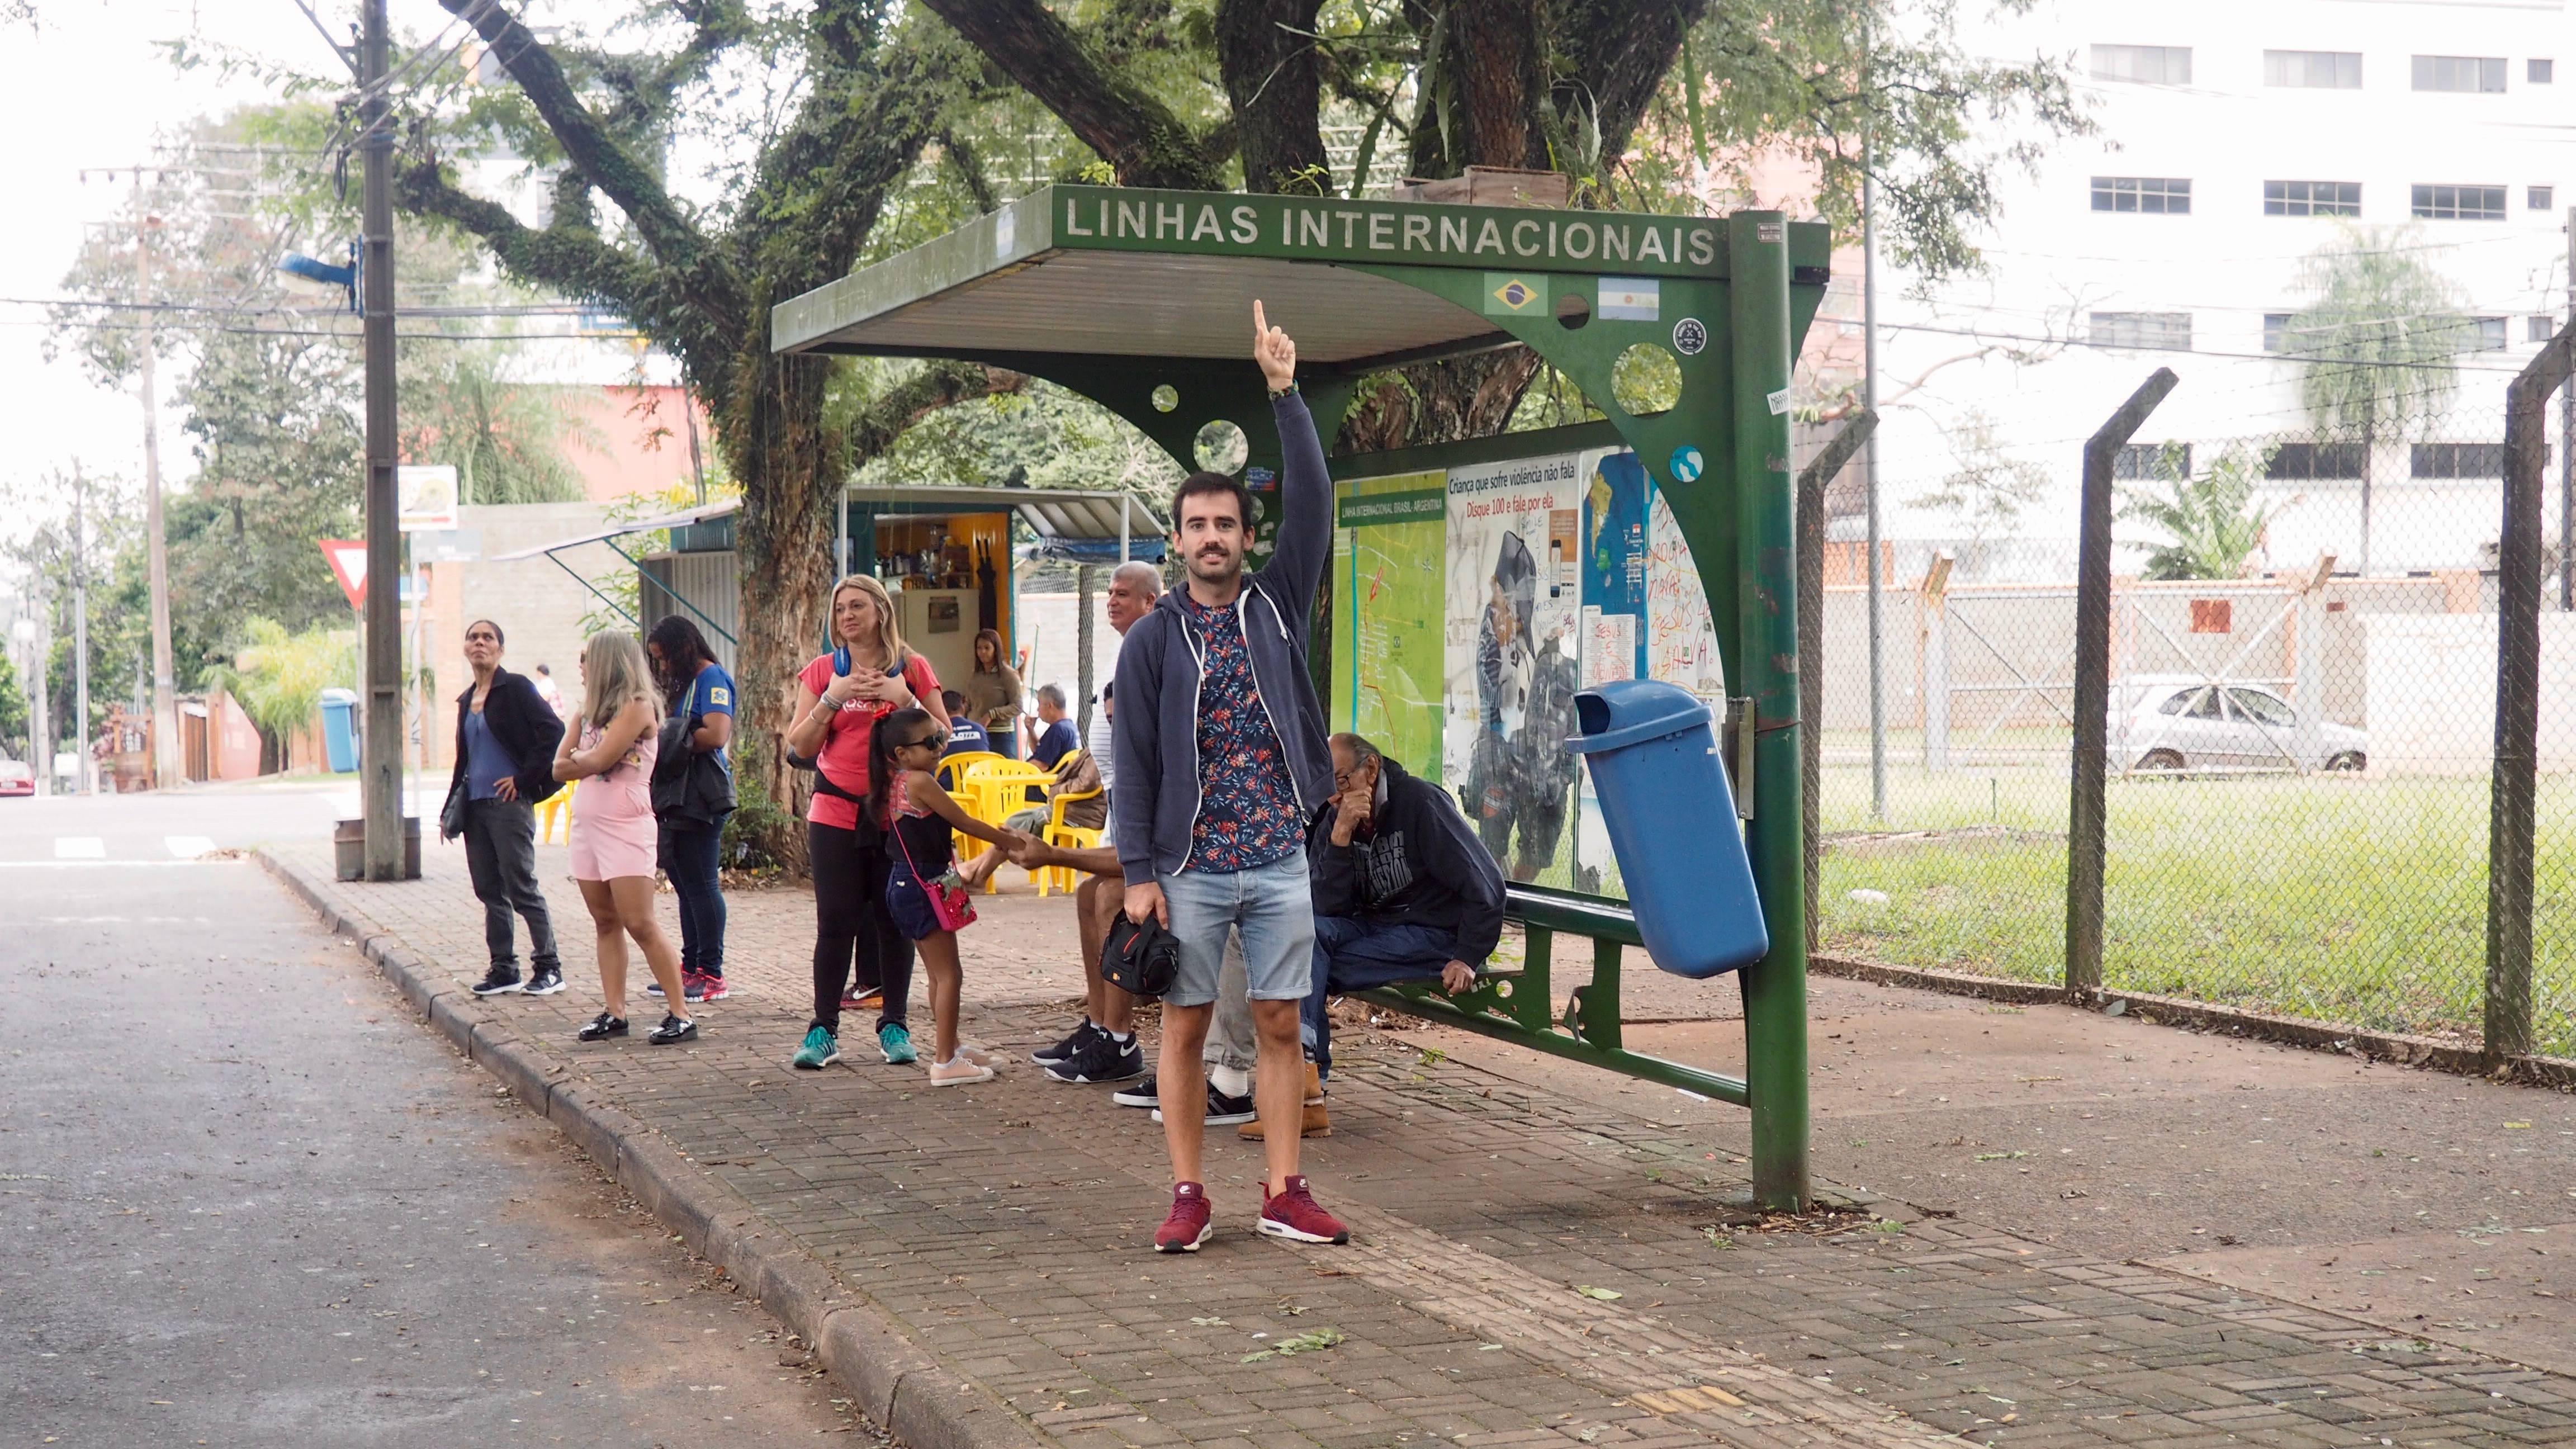 Cómo llegar a las Cataratas del Iguazú. Parada del bus que cruza a Argentina. En Foz de Iguazú, Brasil.